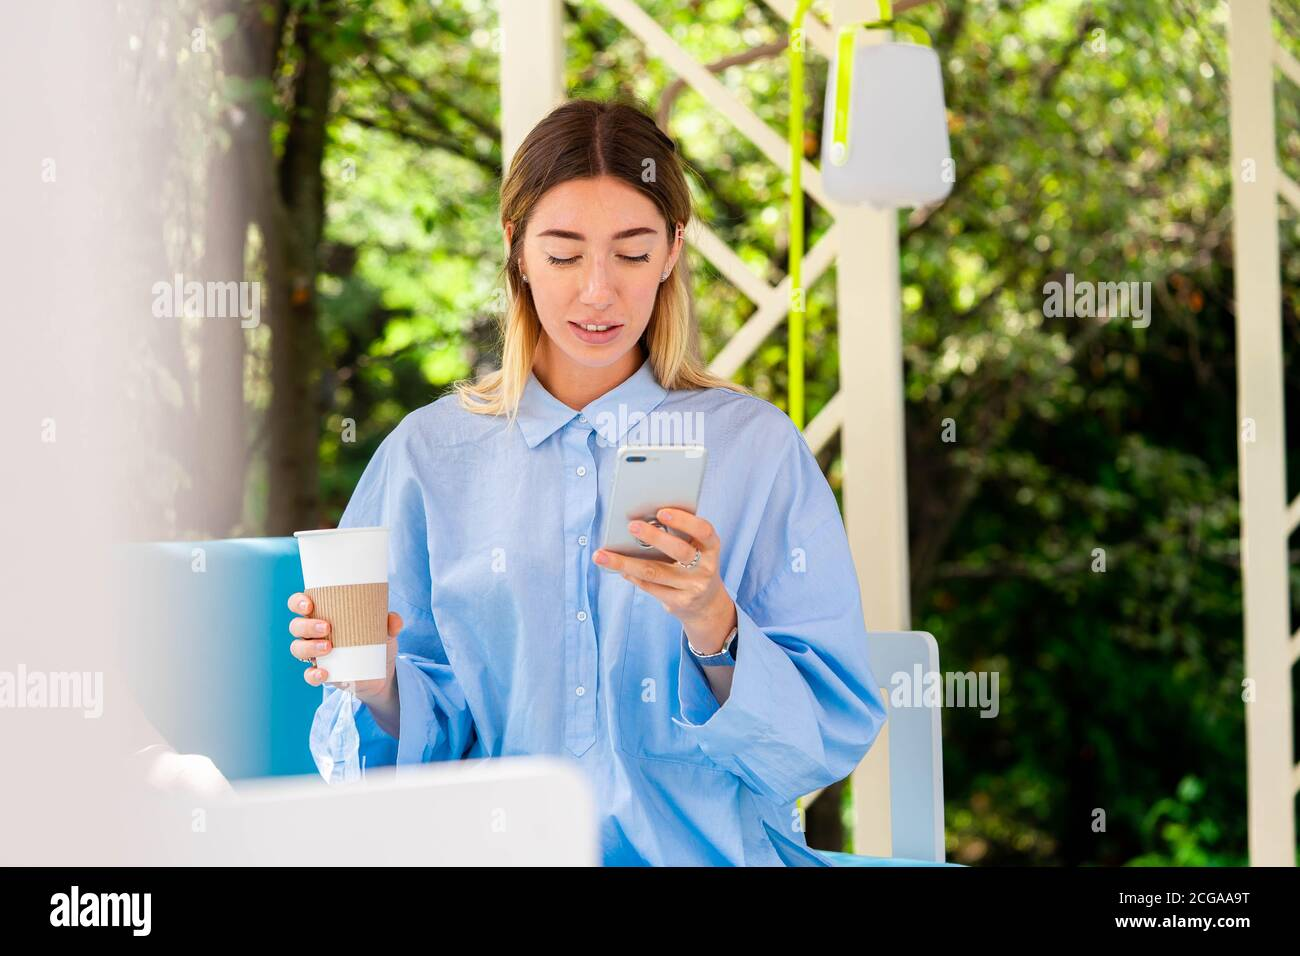 Belle femme buvant du café en carton recyclable Takeaway Cup à Street Cafe et bavarder à Messenger sur Mobile Phone Banque D'Images